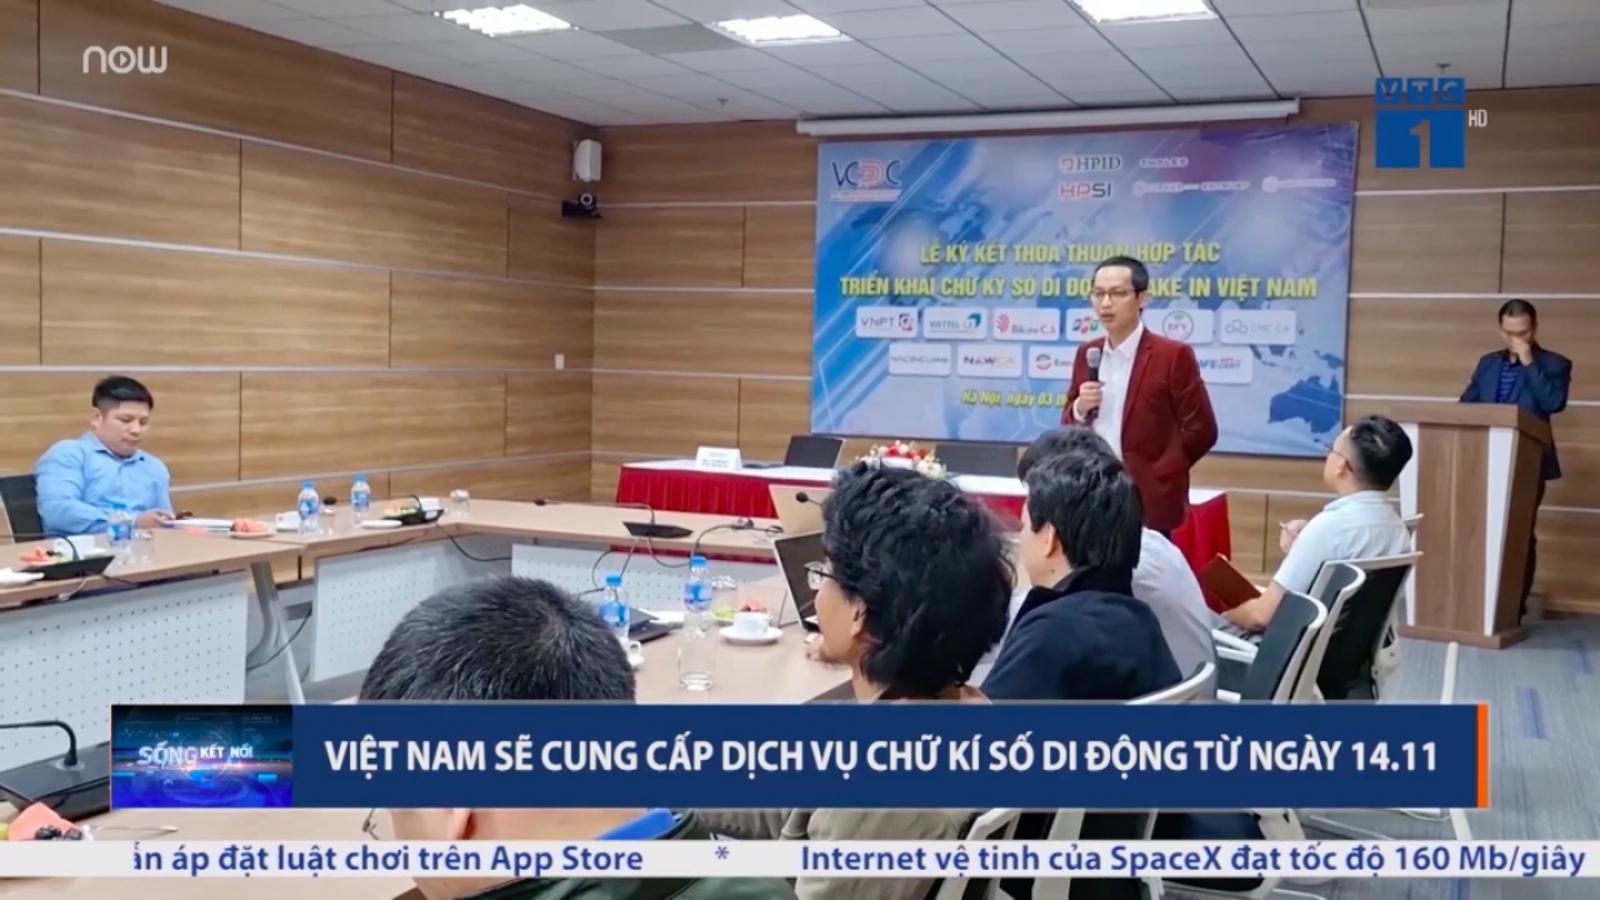 """Chữ ký số di động """"make in Vietnam"""" sẽ được cung cấp từ 14/11"""